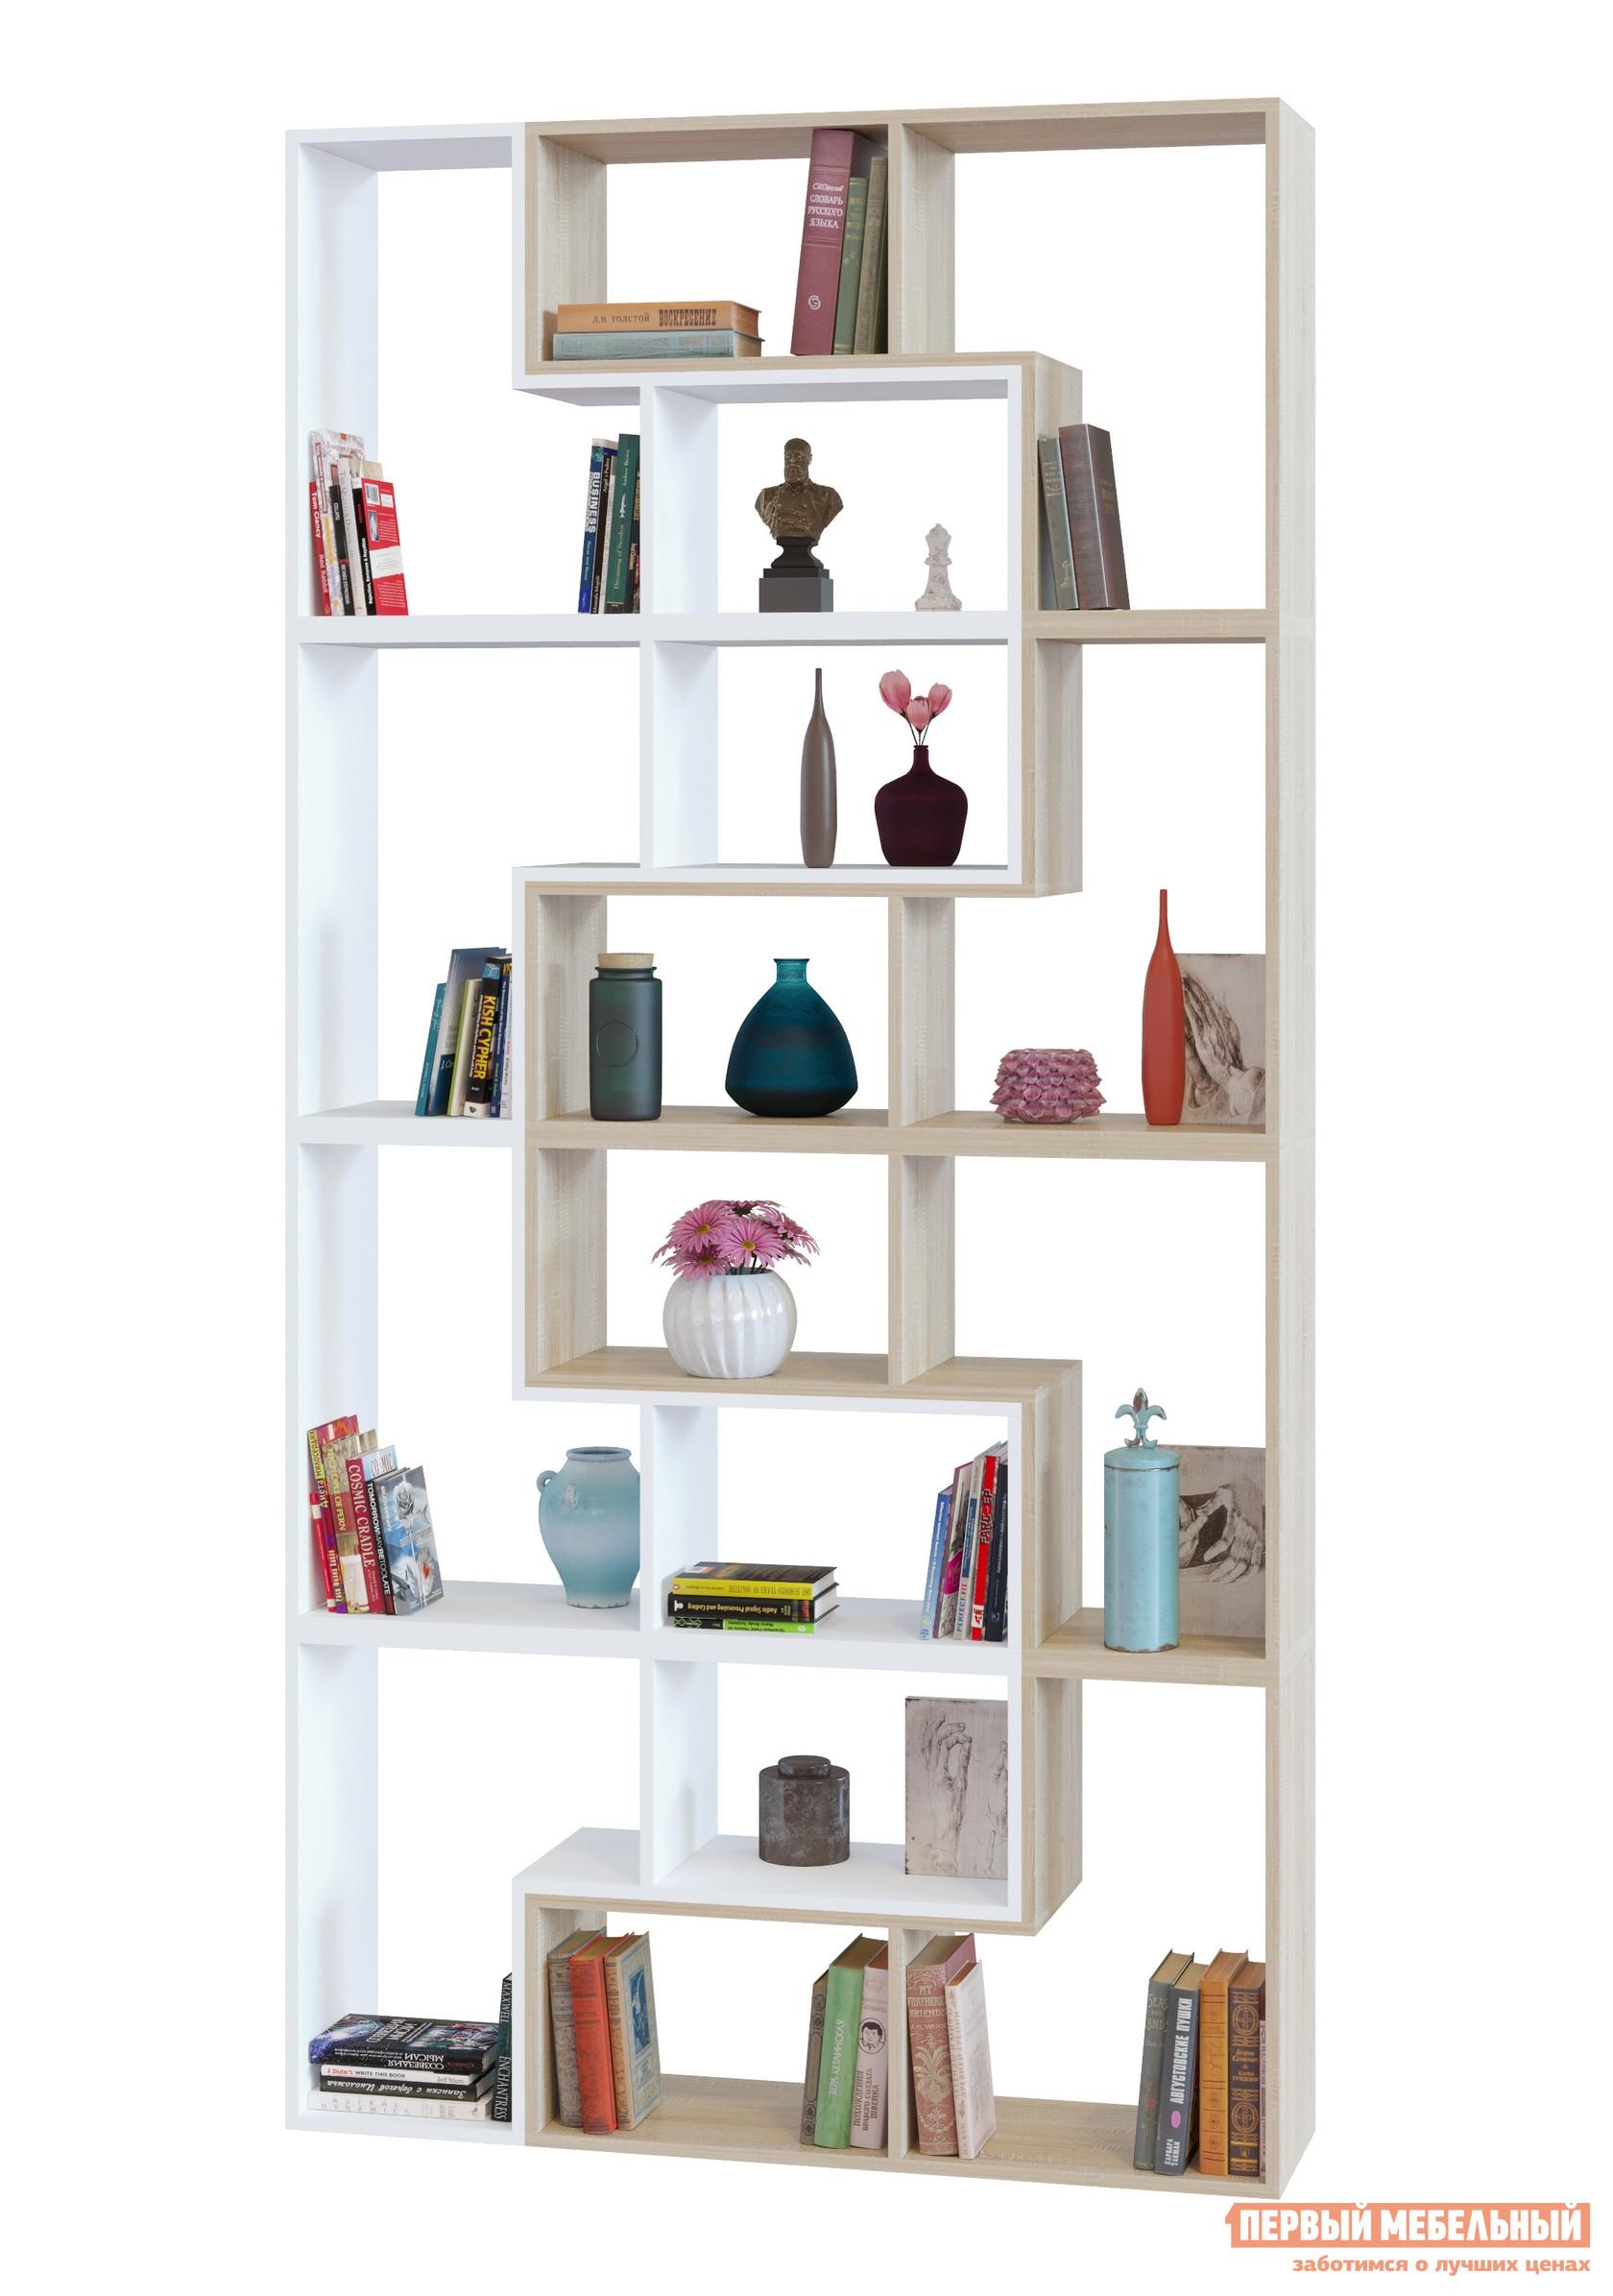 Стеллаж Сокол ПК-9, 8 шт. вариант 3 Дуб Сонома / БелыйСтеллажи<br>Габаритные размеры ВхШхГ 2400x1200x296 мм. Высокий открытый стеллаж ПК-9, 8 шт.  вариант 3 идеален для создания библиотеки в гостиной, в молодежной комнате или в домашнем кабинете.  Большое количество полок разных размеров позволяют расставить разнокалиберные книги с удобным к ним доступом.  Все корешки будут видны и вы сразу сможете найти нужное издание. Этот стеллаж можно собрать из модульных элементов четырех цветовых решений: Венге, Белый, Беленый дуб и Дуб сонома: в однотонном варианте или комбинируя цвета.  При оформлении заказа просто укажите сколько модульных деталей и в каком цвете вам потребуется, чтобы собрать уникальный стеллаж для вашего дома. Изделие выполняется из ЛДСП толщиной 16 мм, края обработаны кромкой ПВХ 0,4 мм.  Стеллаж устанавливается на пластиковые опоры. Обратите внимание! Модули стеллажа соединяются между собой с помощью межсекционных стяжек, которые входят в комплект фурнитуры.  Для соединения модулей между собой необходимо просверлить отверстия диаметром 5 мм в тех деталях, которые будут соприкасаться плоскостями.  Для сверления точных отверстий рекомендуется использовать струбцину. Стеллаж не предусмотрен для зонирования пространства.  Для устойчивости стеллаж необходимо крепить к стене при помощи монтажных уголков, которые входят в комплект фурнитуры.  При заказе услуги сборки нашими специалистами крепление к стене включено в общую стоимость сборки.   Рекомендуем сохранить инструкцию по сборке (паспорт изделия) до истечения гарантийного срока.<br><br>Цвет: Белый<br>Цвет: Светлое дерево<br>Высота мм: 2400<br>Ширина мм: 1200<br>Глубина мм: 296<br>Кол-во упаковок: 8<br>Форма поставки: В разобранном виде<br>Срок гарантии: 2 года<br>Тип: Открытые<br>Тип: Книжные<br>Тип: Напольные<br>Тип: Модульные<br>Тип: Пристенные<br>Тип: Без задней стенки<br>Назначение: Для дома<br>Назначение: Для офиса<br>Материал: ЛДСП<br>Размер: Высокие<br>Модель: ПК-9